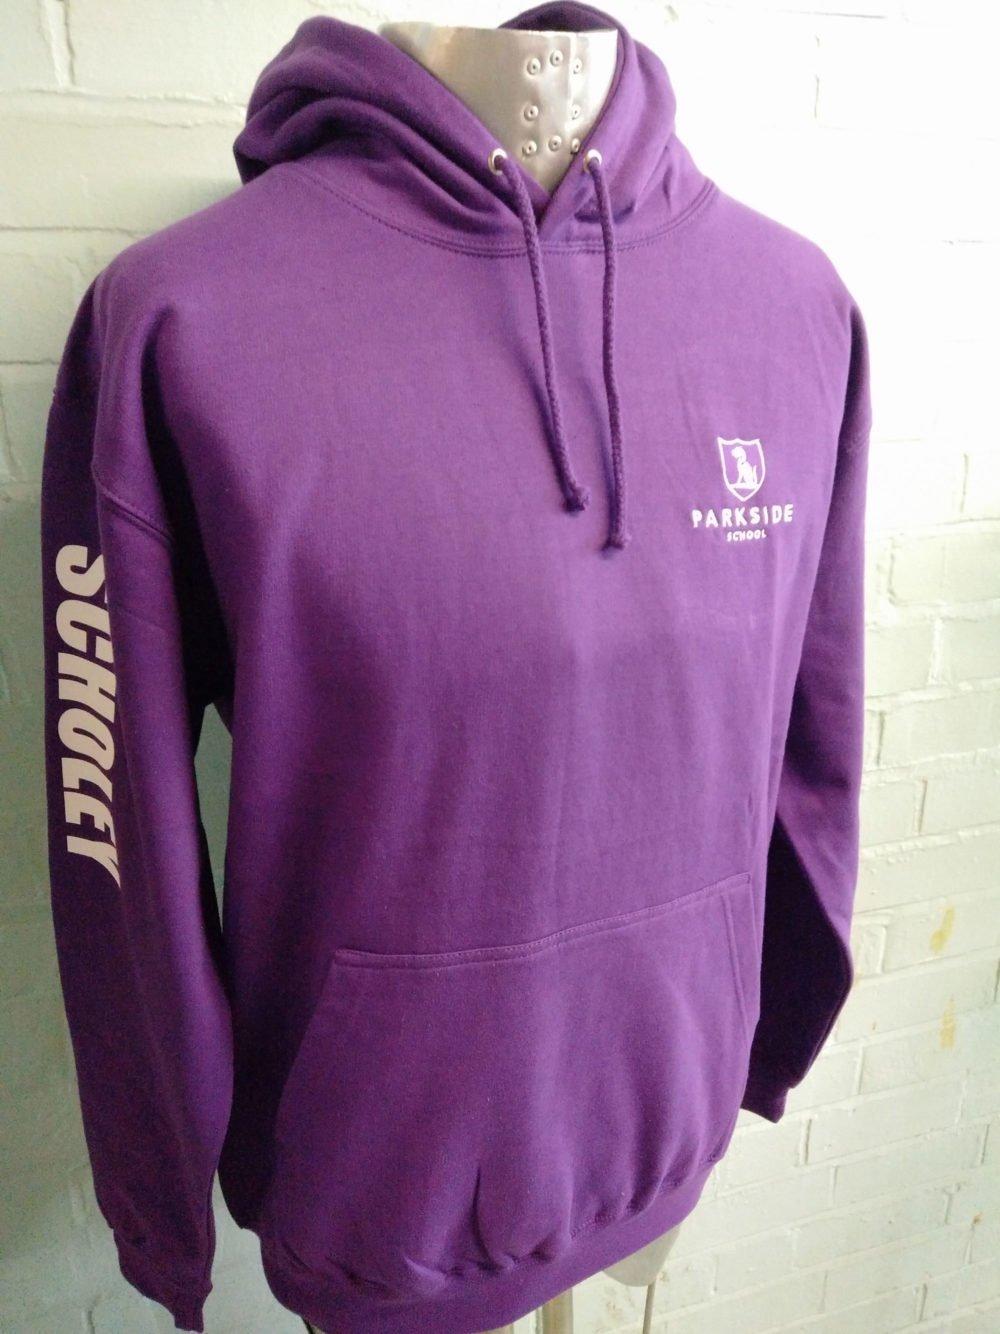 Parkside Custom Purple Leavers Hoodies 2017